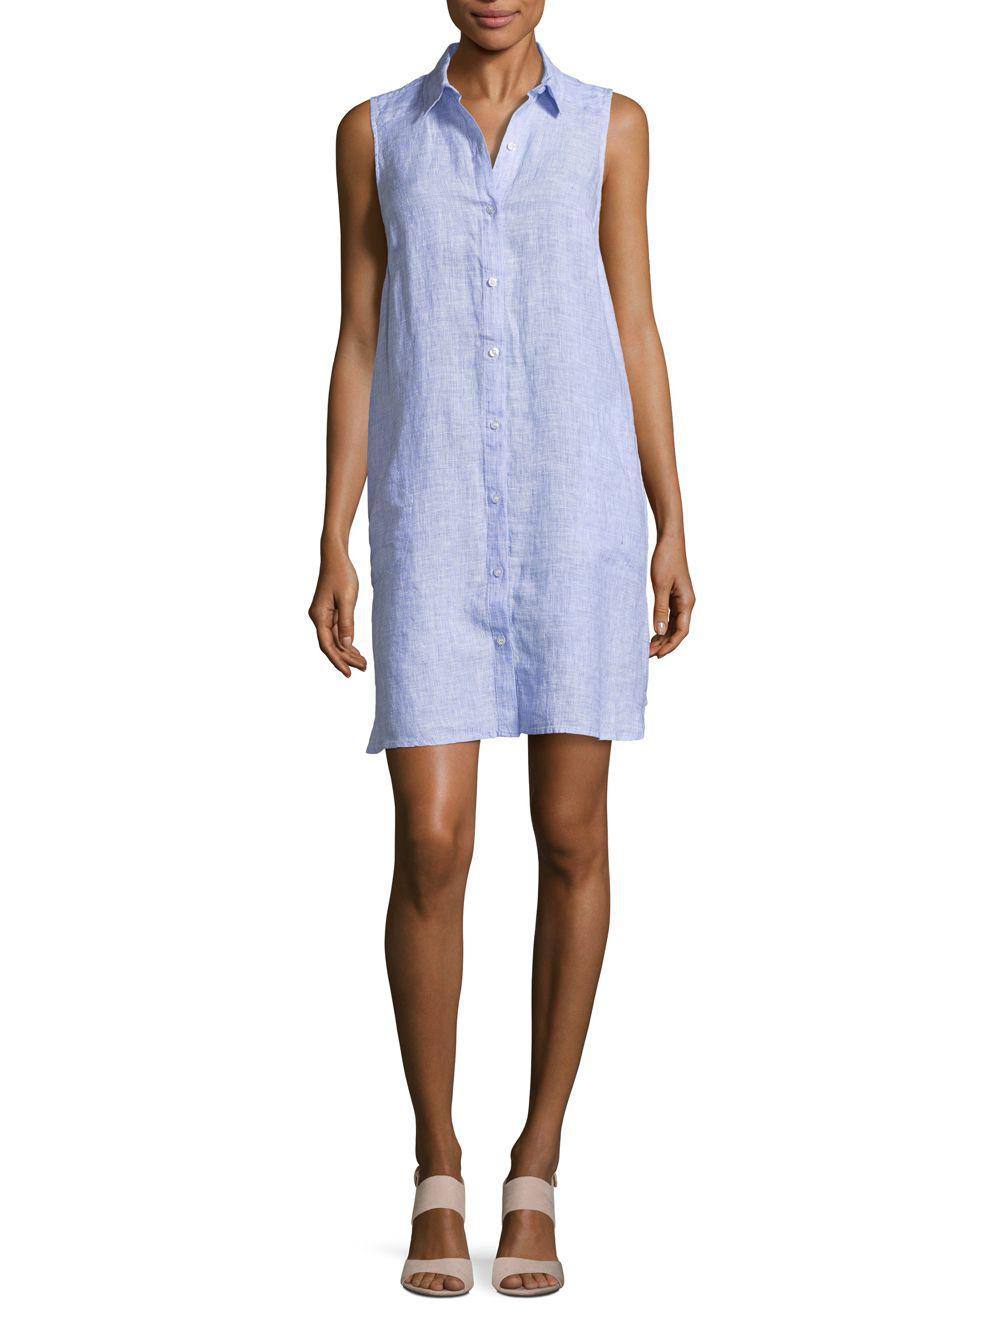 8ff0601019 Lyst - Saks Fifth Avenue Sleeveless Linen Shirt Dress in Blue